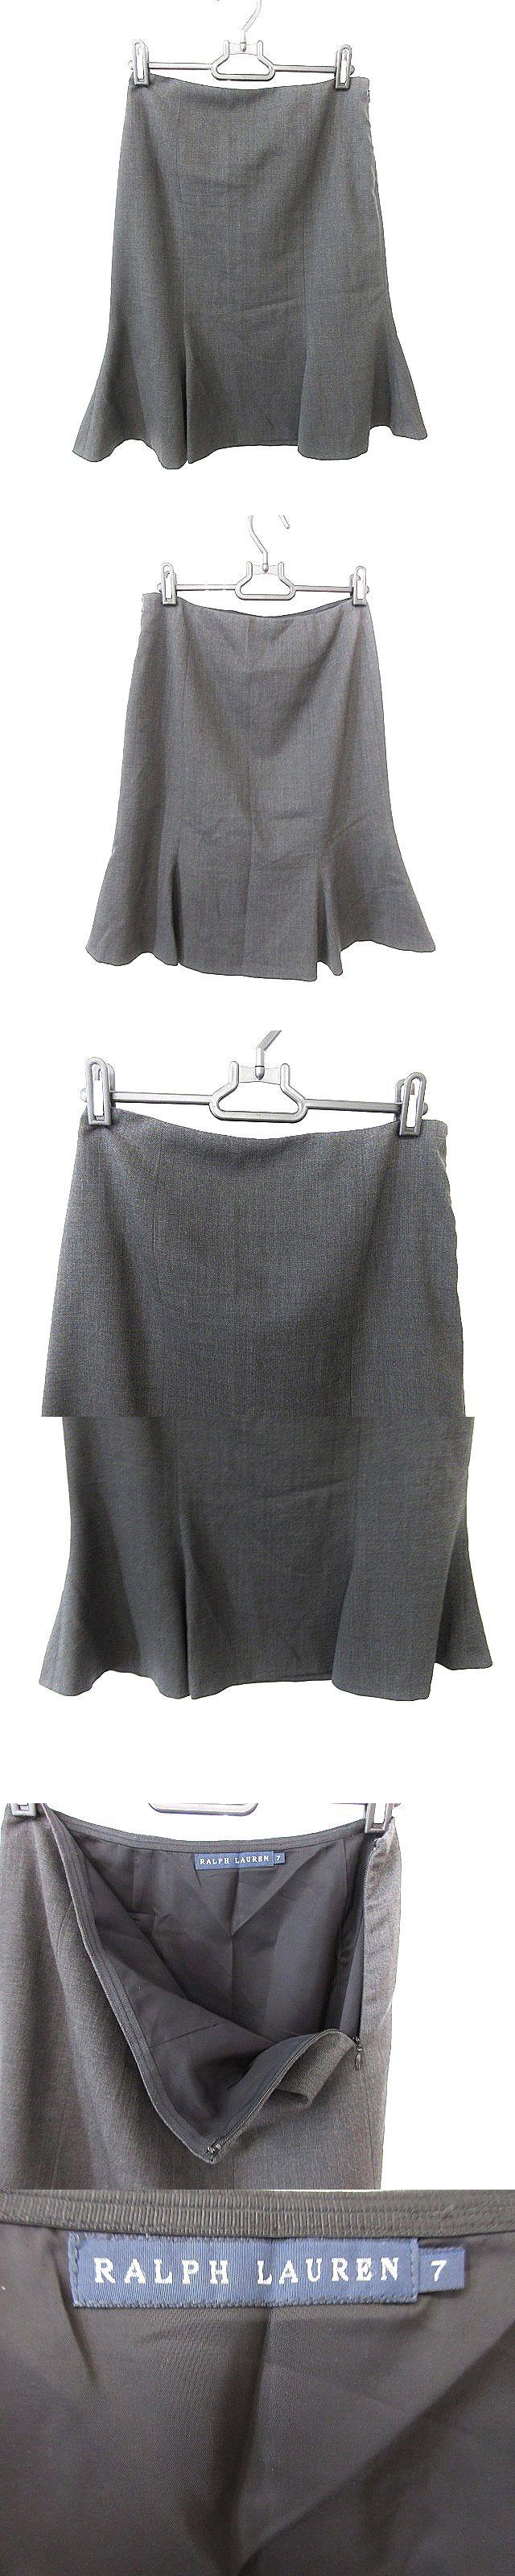 スカート ひざ丈 フレア 7 グレー /AAO49